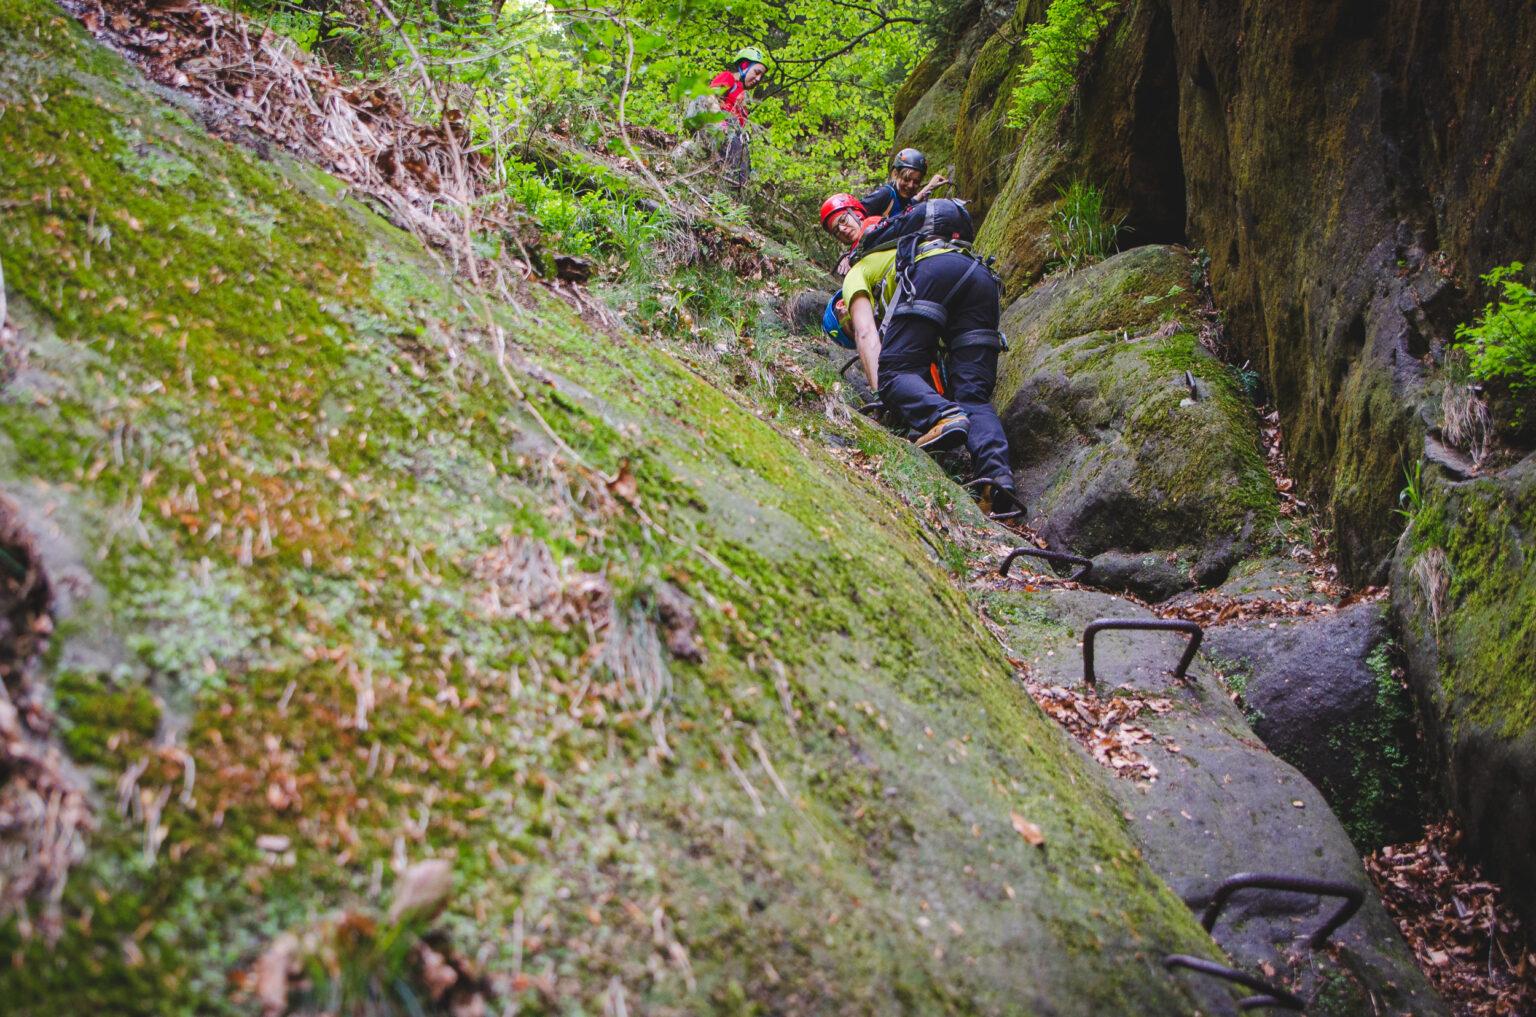 Zejście po klamrach po skale w lesie